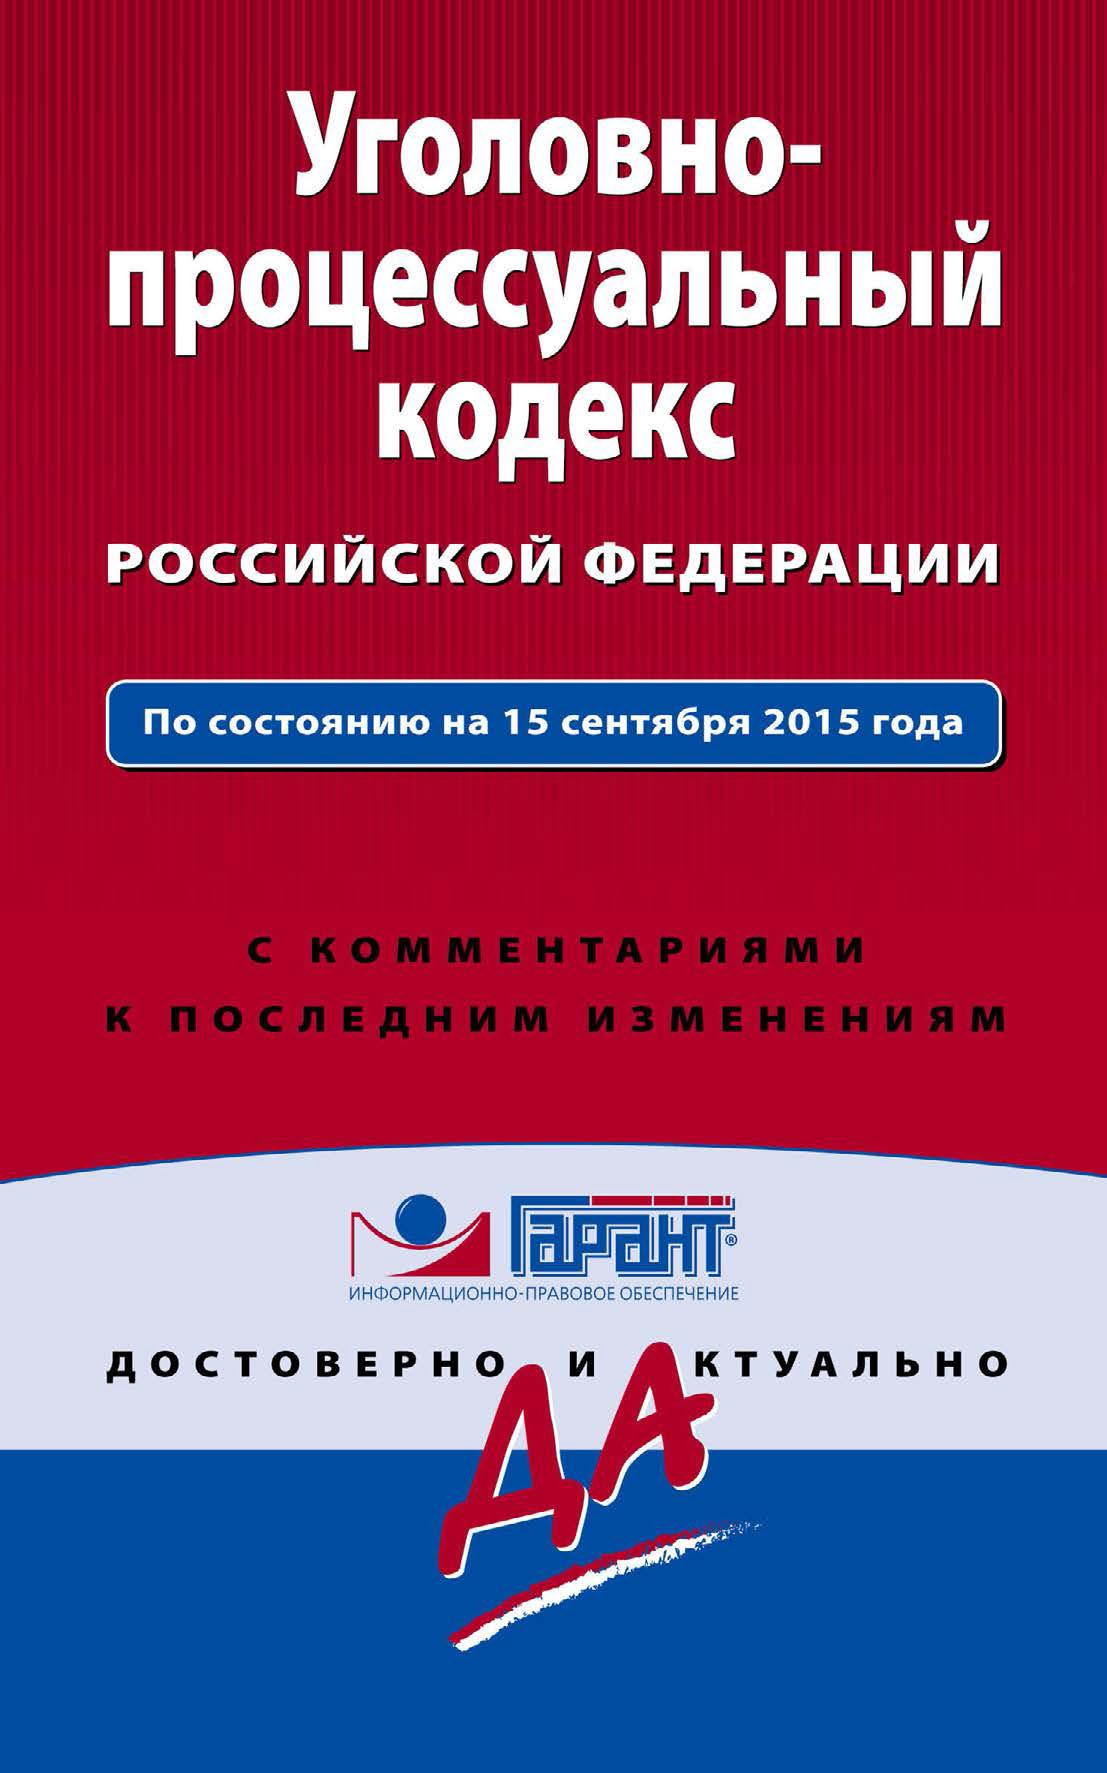 цена Отсутствует Уголовно-процессуальный кодекс Российской Федерации. По состоянию на 15 сентября 2015 года. С комментариями к последним изменениям онлайн в 2017 году